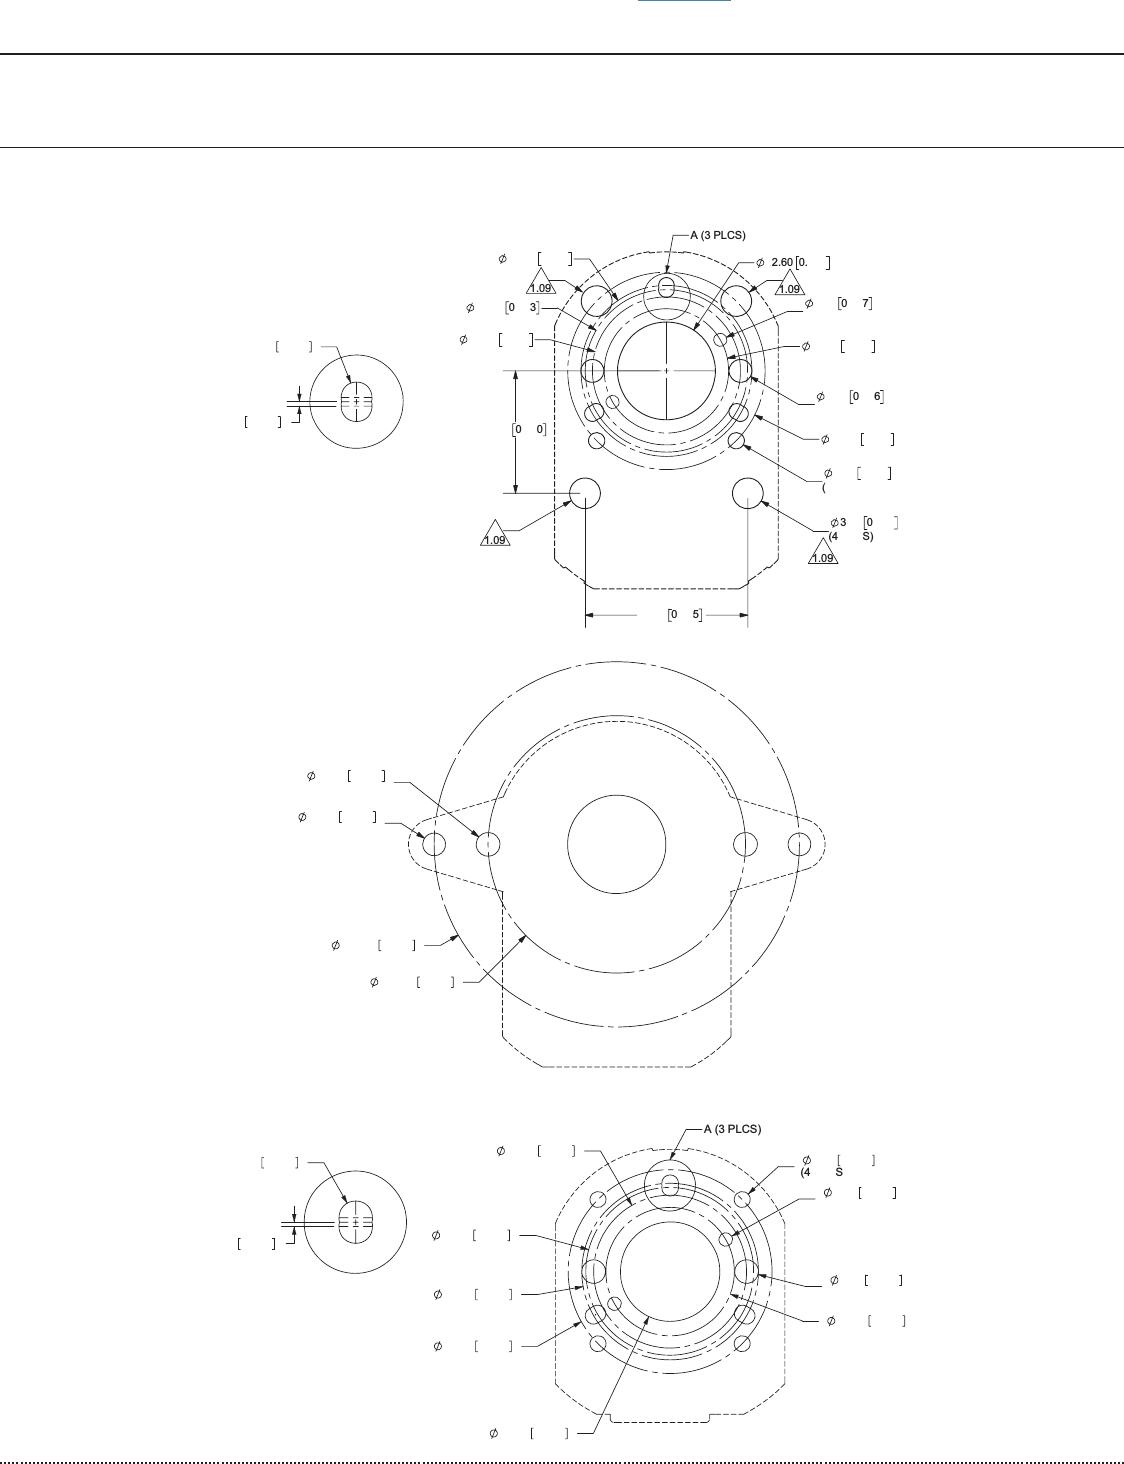 Molex Power Wiring Diagram